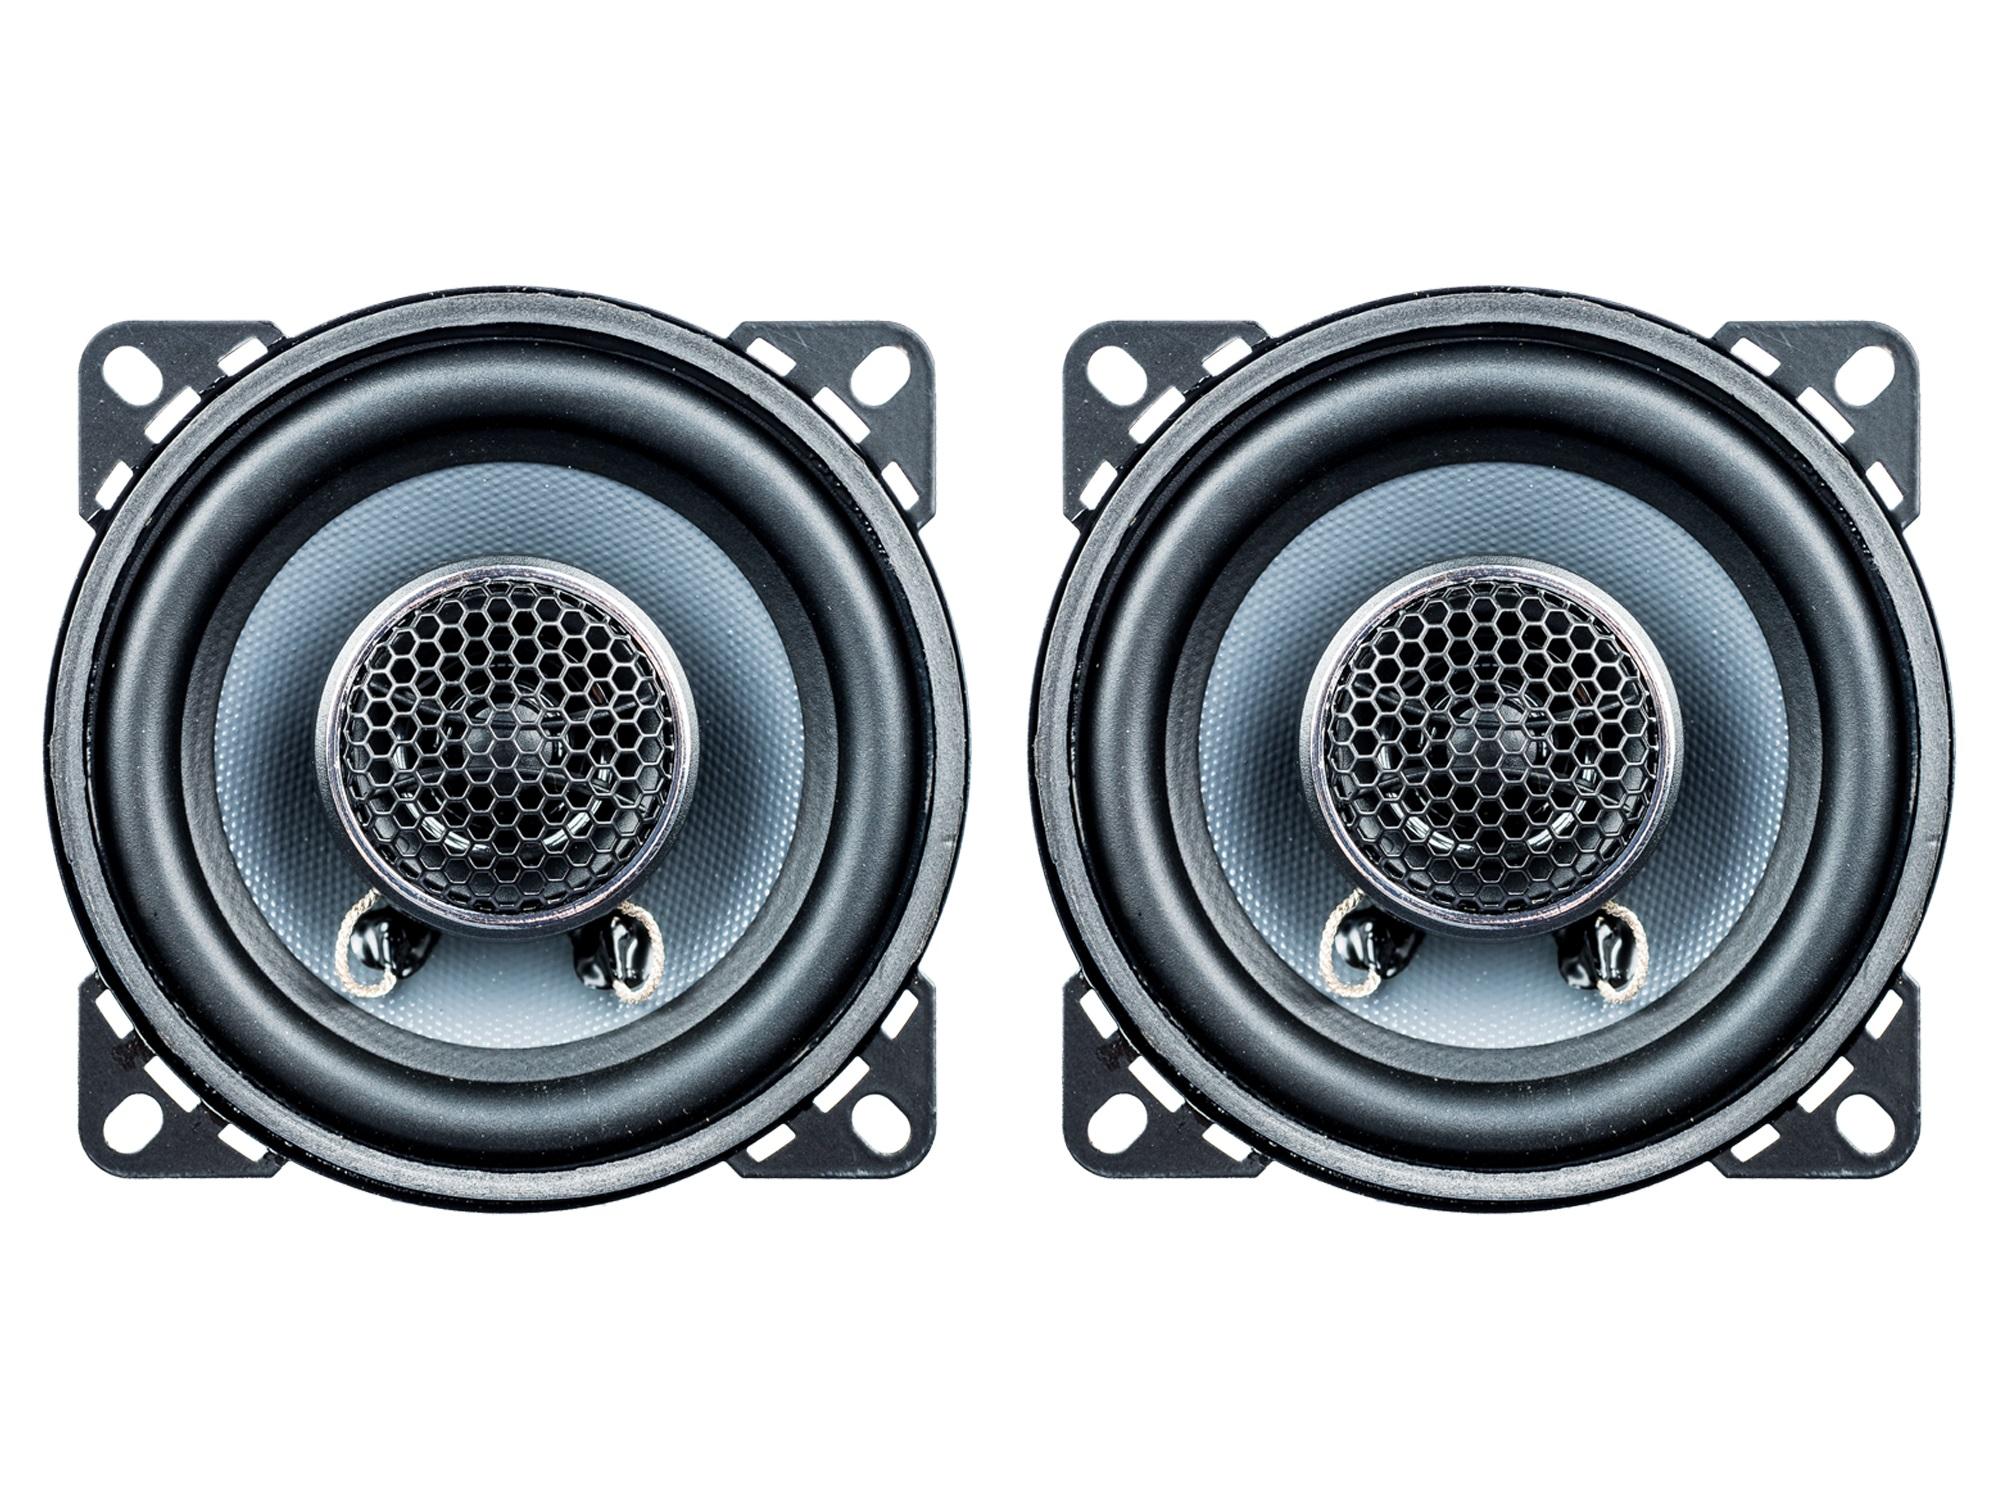 PG Audio EVO III,10.2 2 Wege Coax passend für Daewoo,Daihatsu,Honda, Kia,Mitsubishi,Nissan, Suzuki,Toyota 001